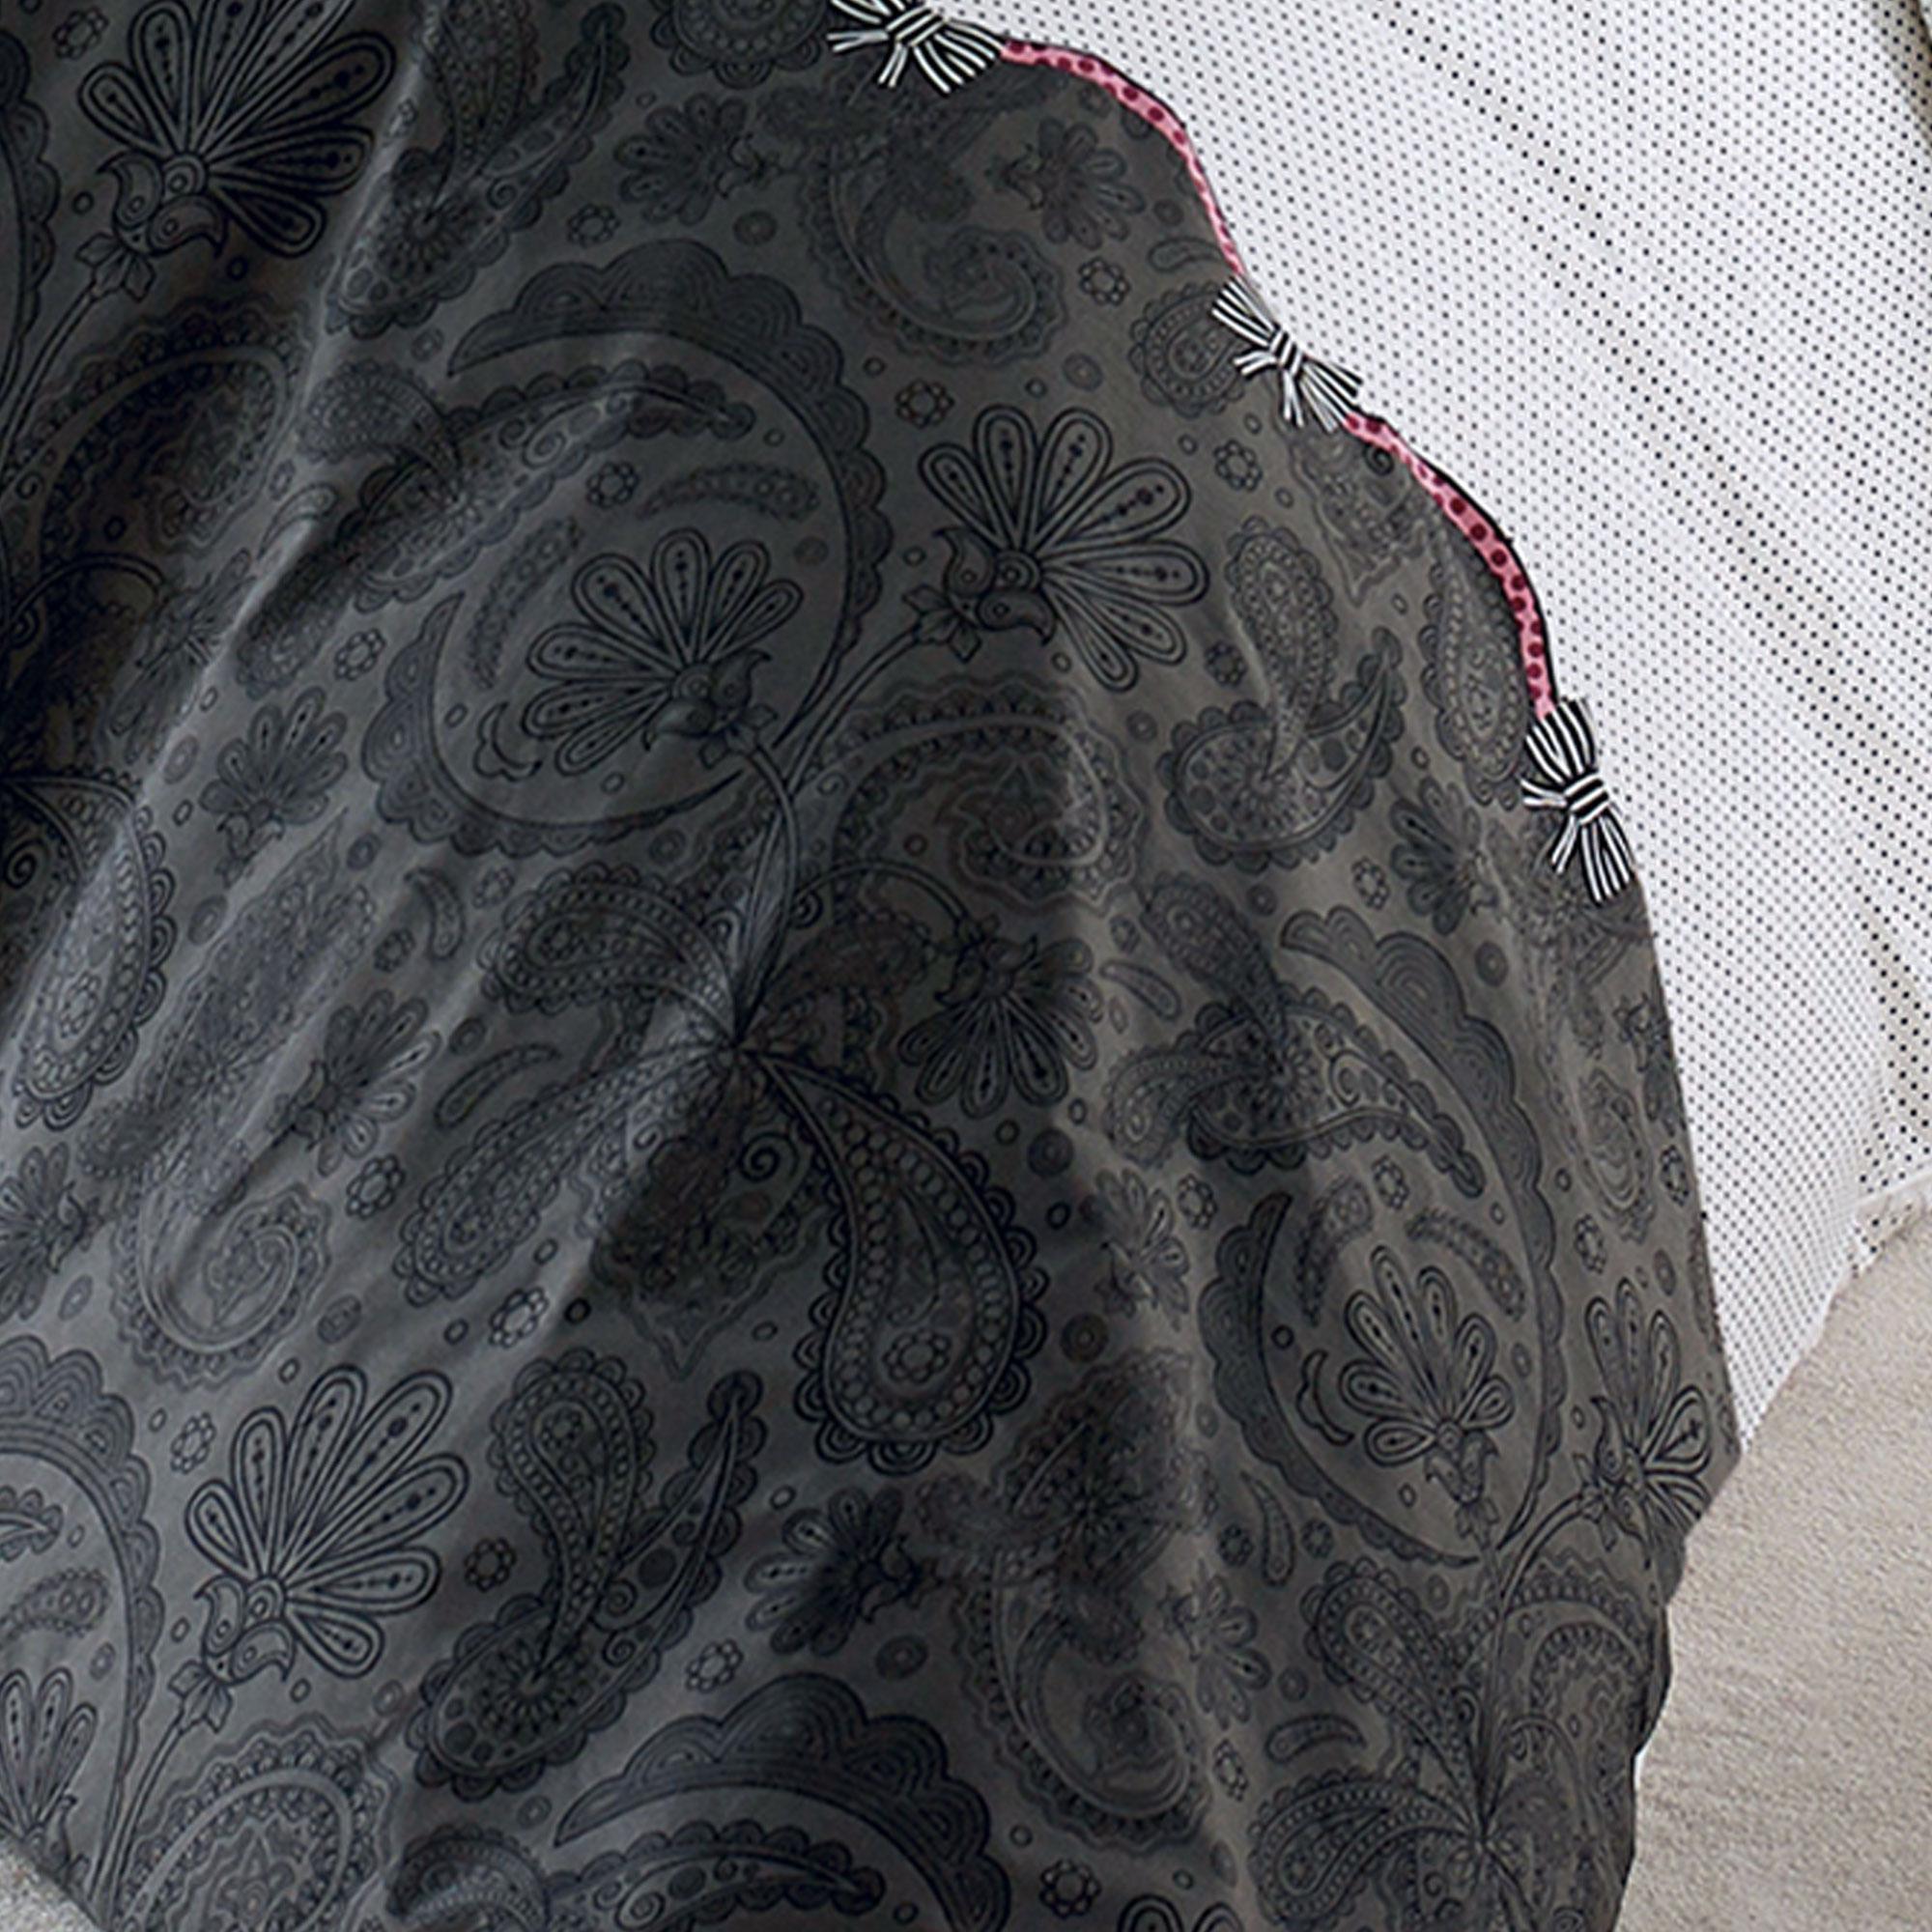 housse de couette 300x240 cm percale pur coton sensuel ebay. Black Bedroom Furniture Sets. Home Design Ideas